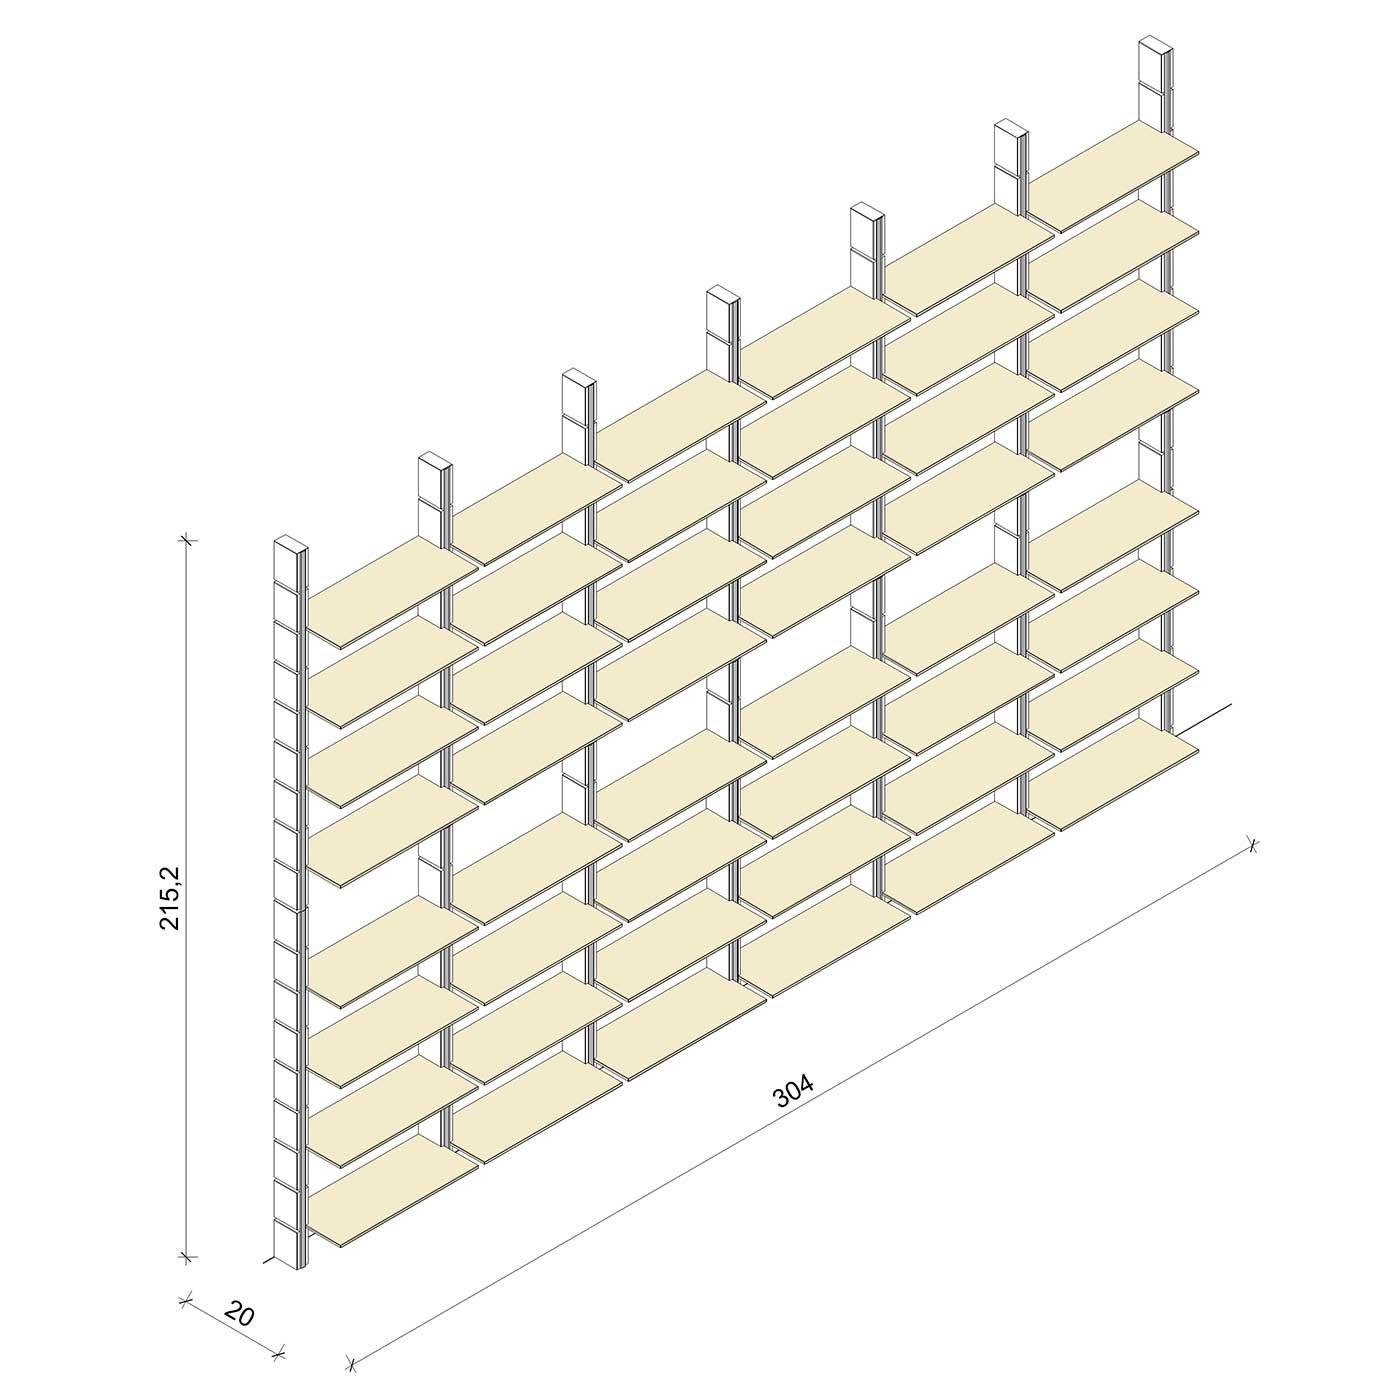 Bücherregal - Basic (XL) 304 - Maß: 304 x 215,2 x 20 cm (B x H x T)